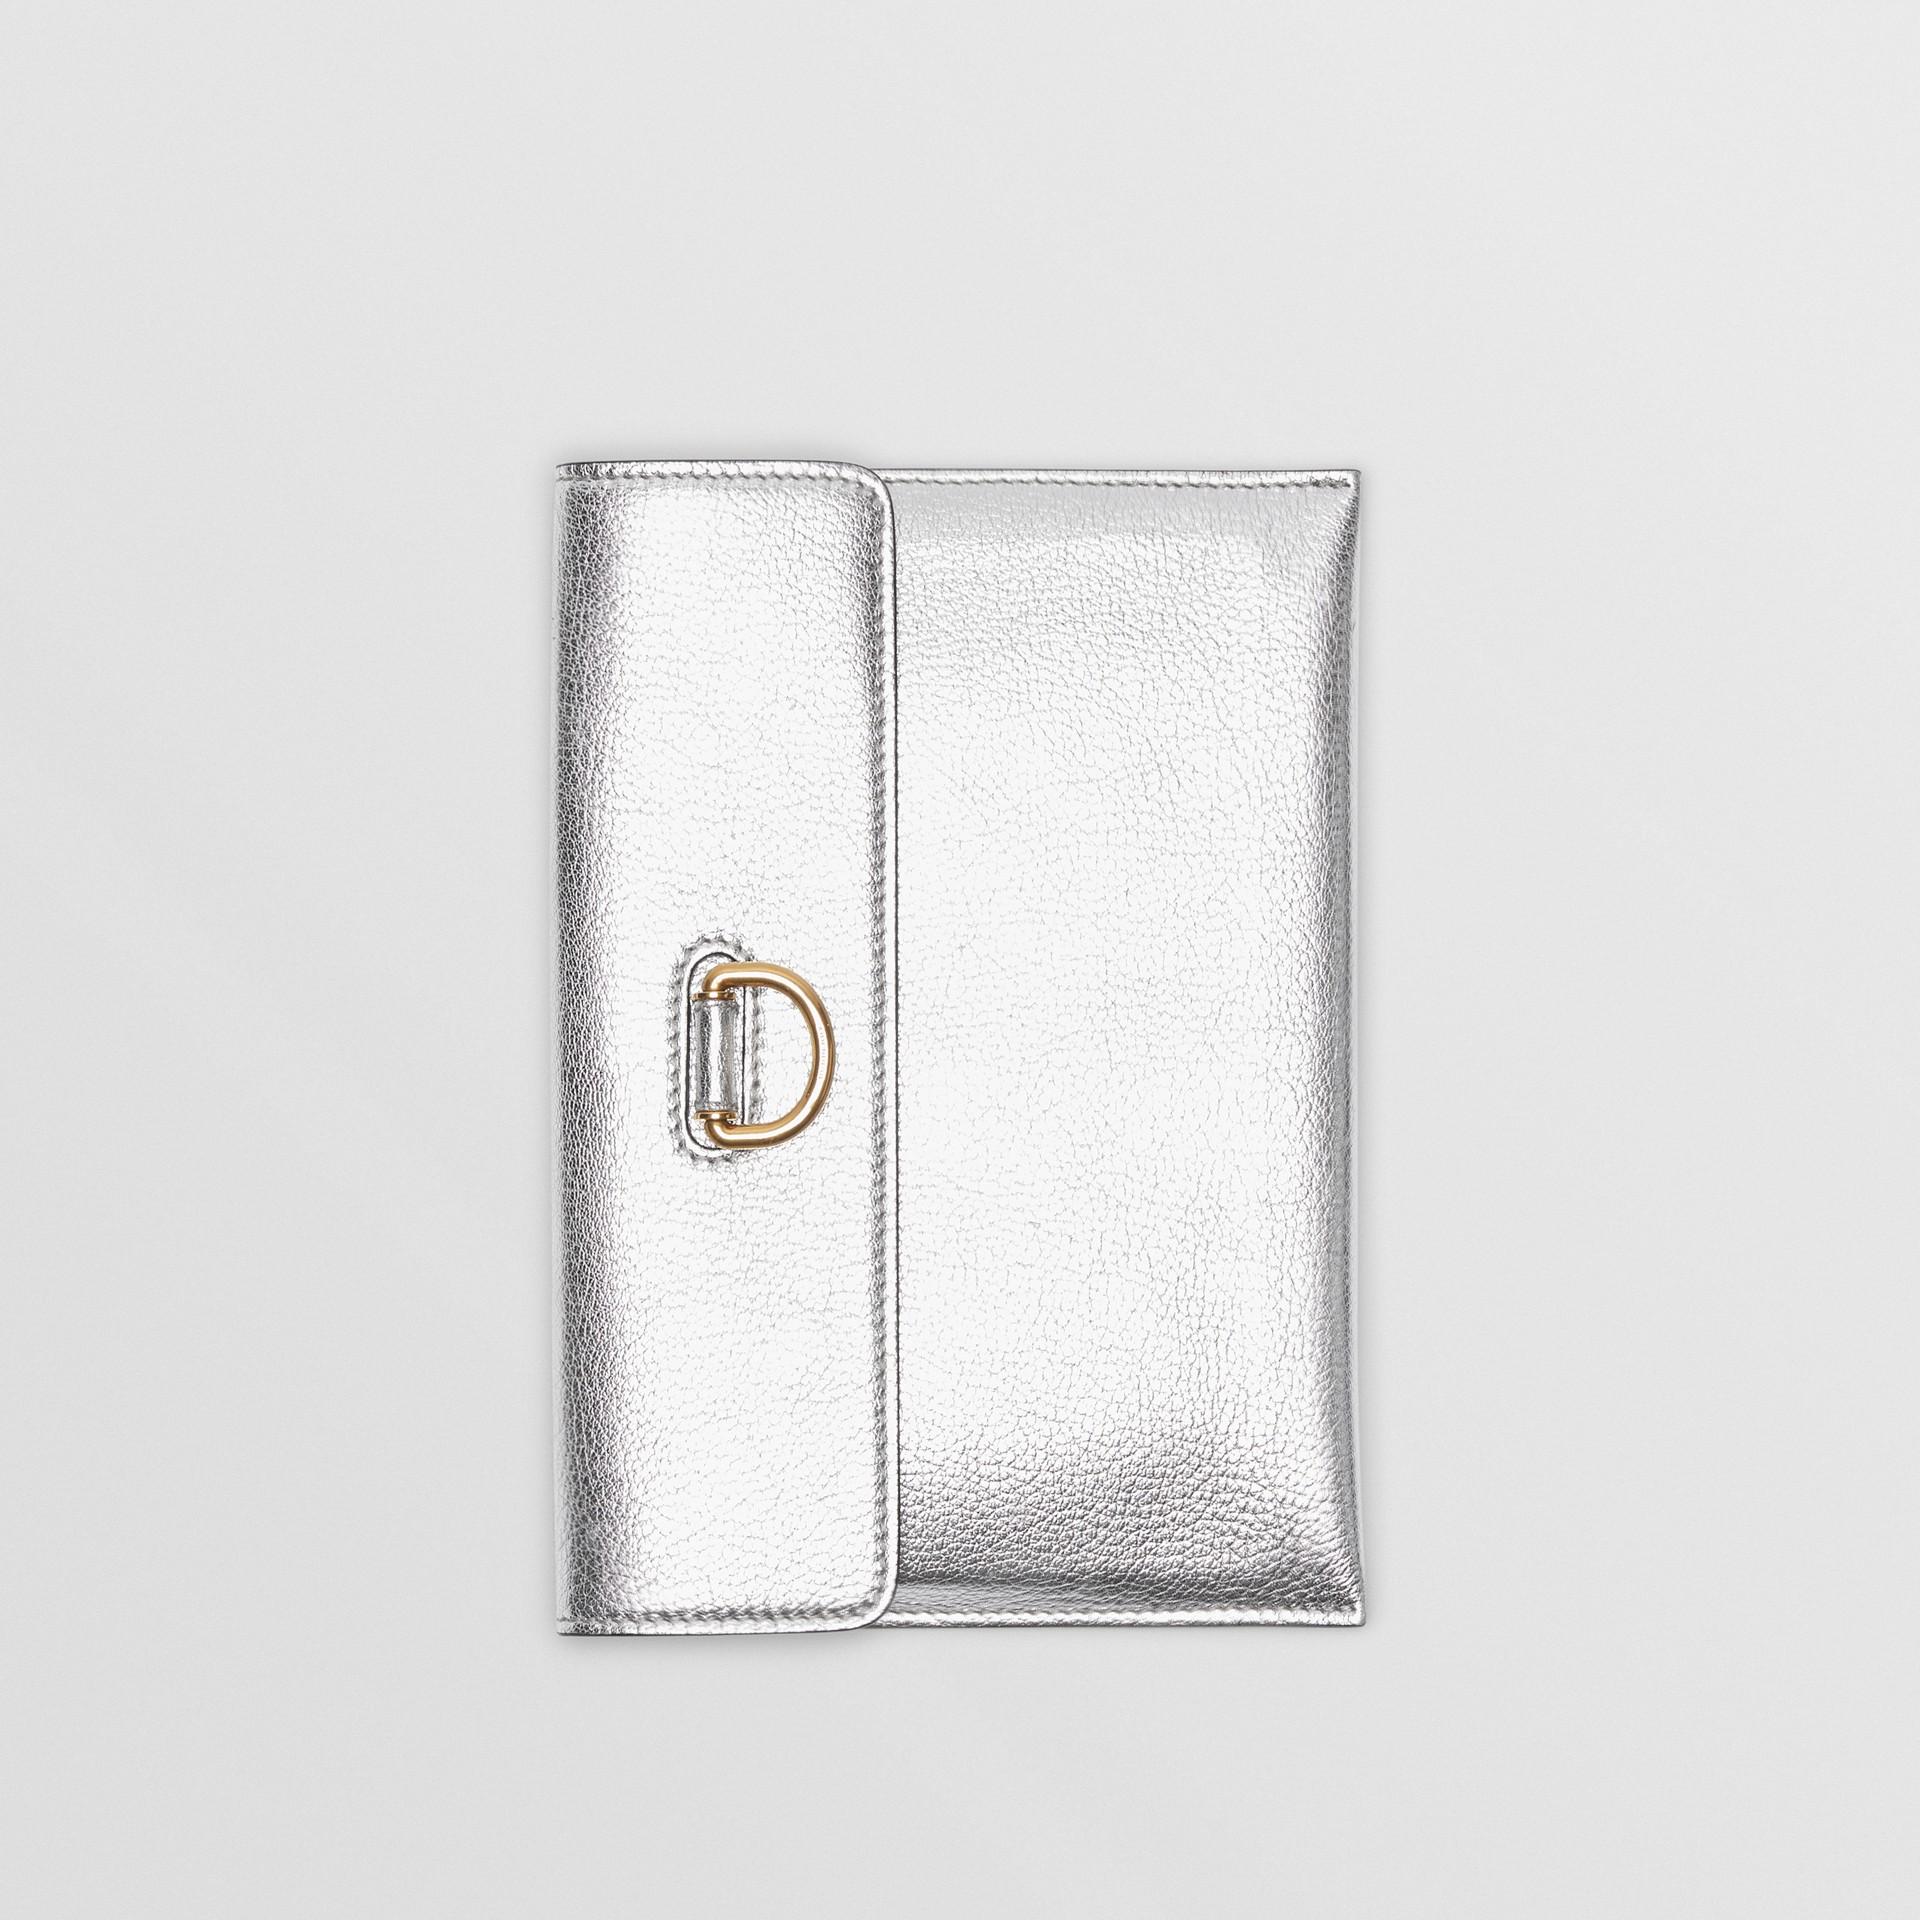 Сумка с кошельком на молнии (Серебристый) - Для женщин | Burberry - изображение 0